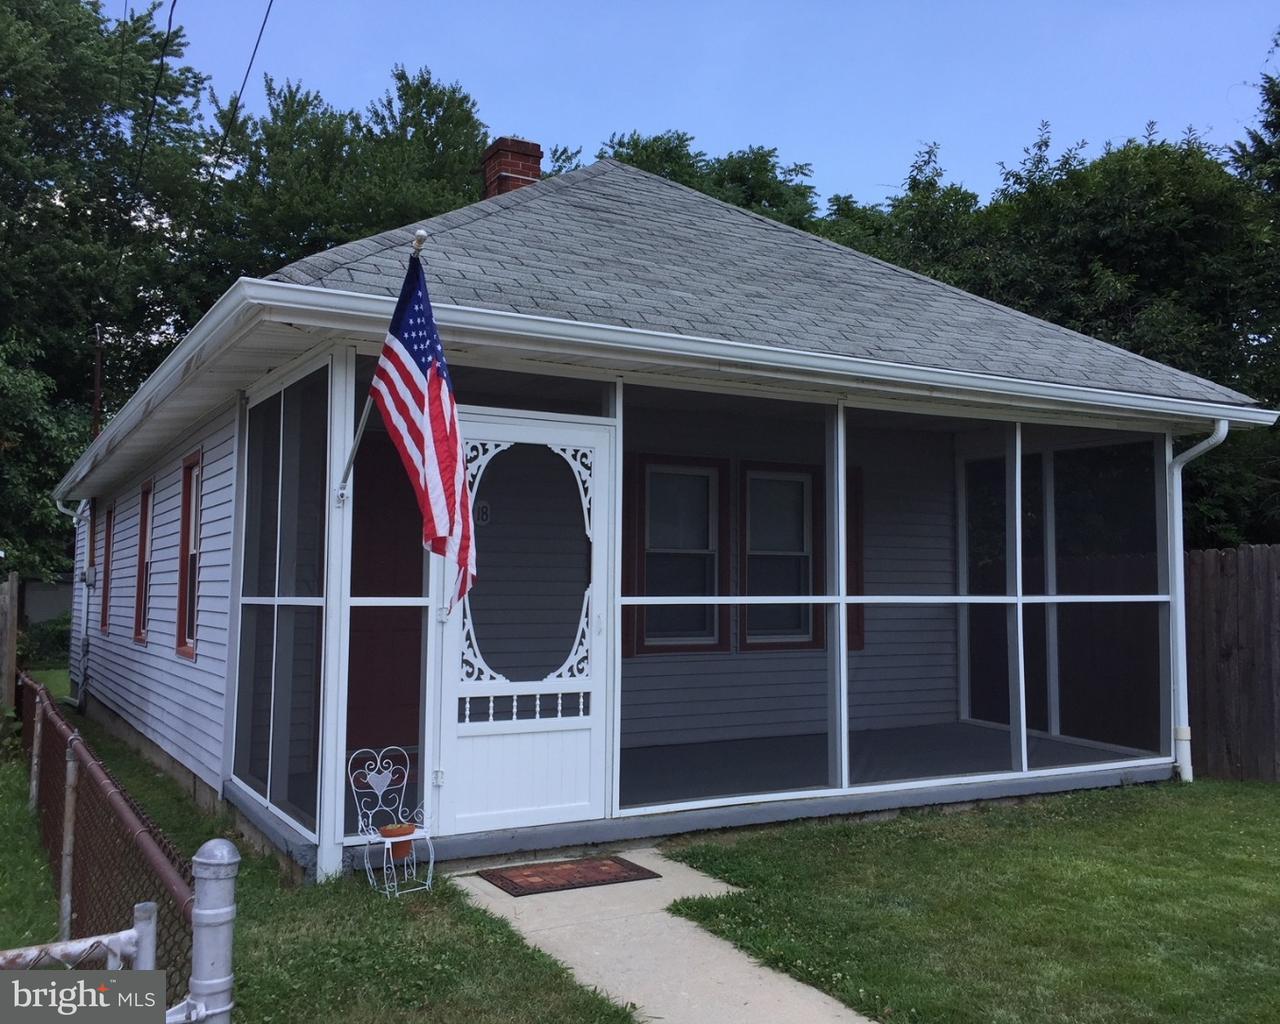 Частный односемейный дом для того Продажа на 18 N BROAD Street Deepwater, Нью-Джерси 08023 Соединенные Штаты